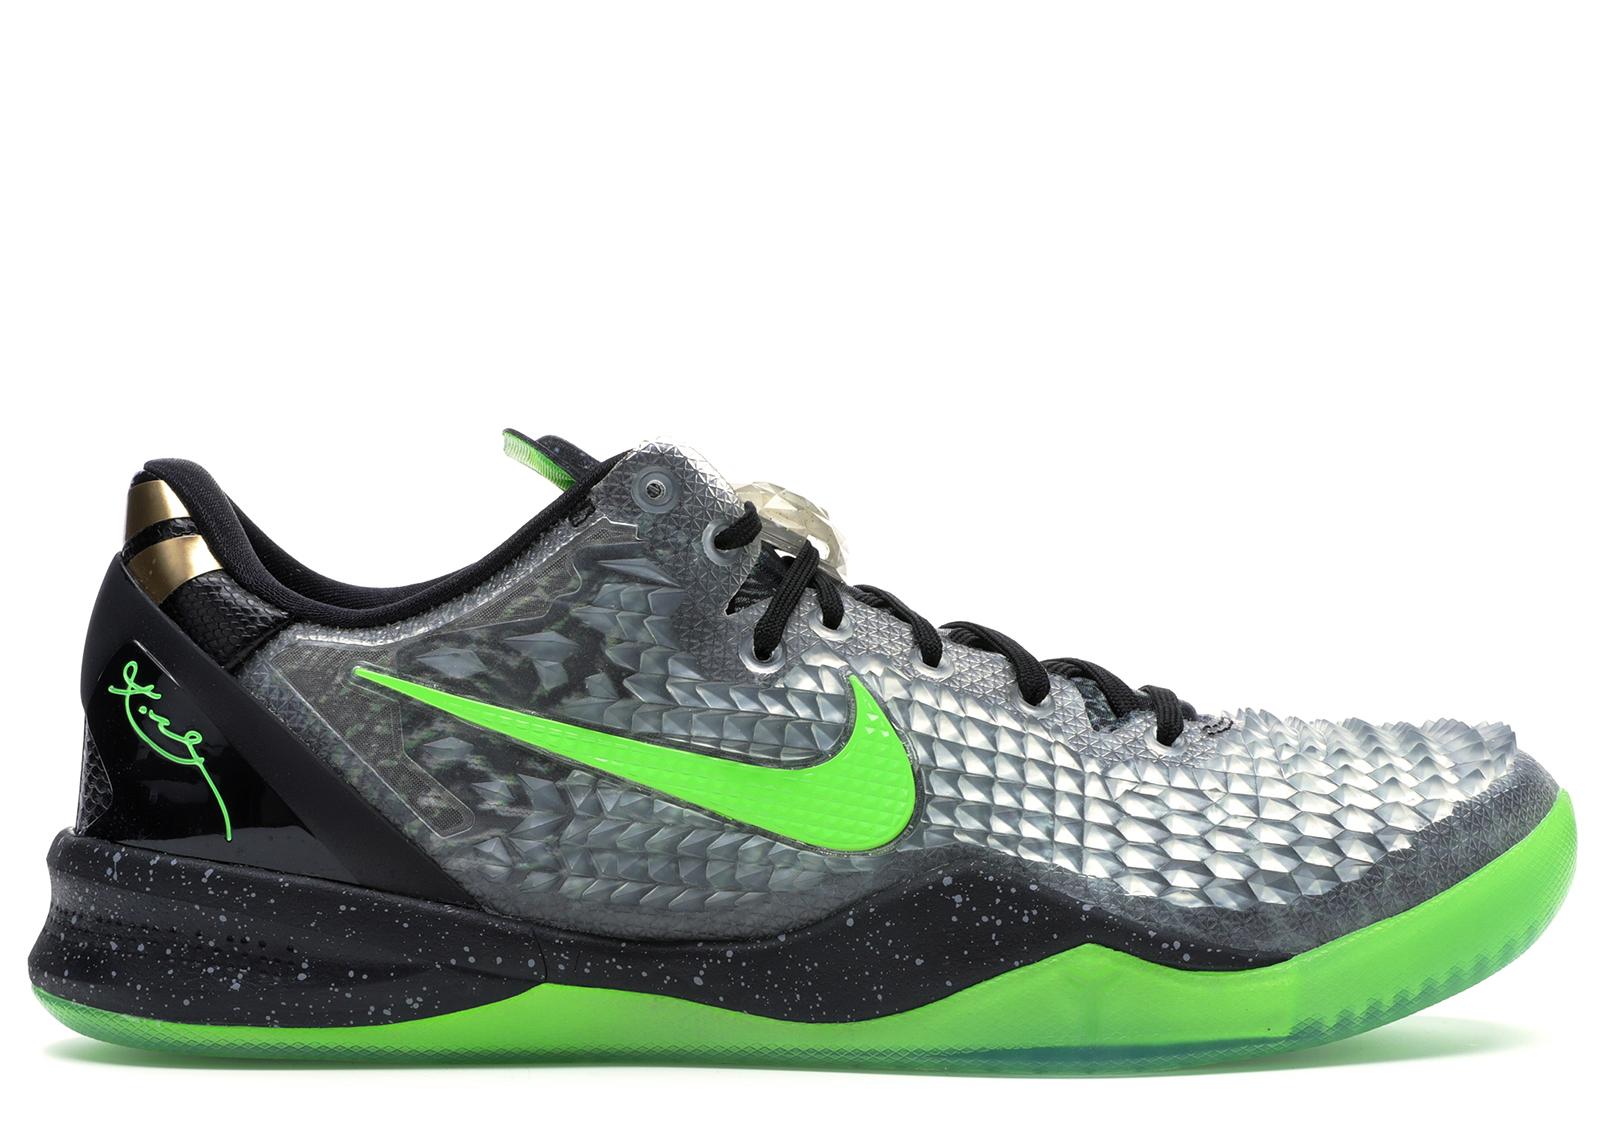 wholesale dealer 50a21 5693e ... promo code for buy nike kobe 8 shoes deadstock sneakers f7987 aa4dd